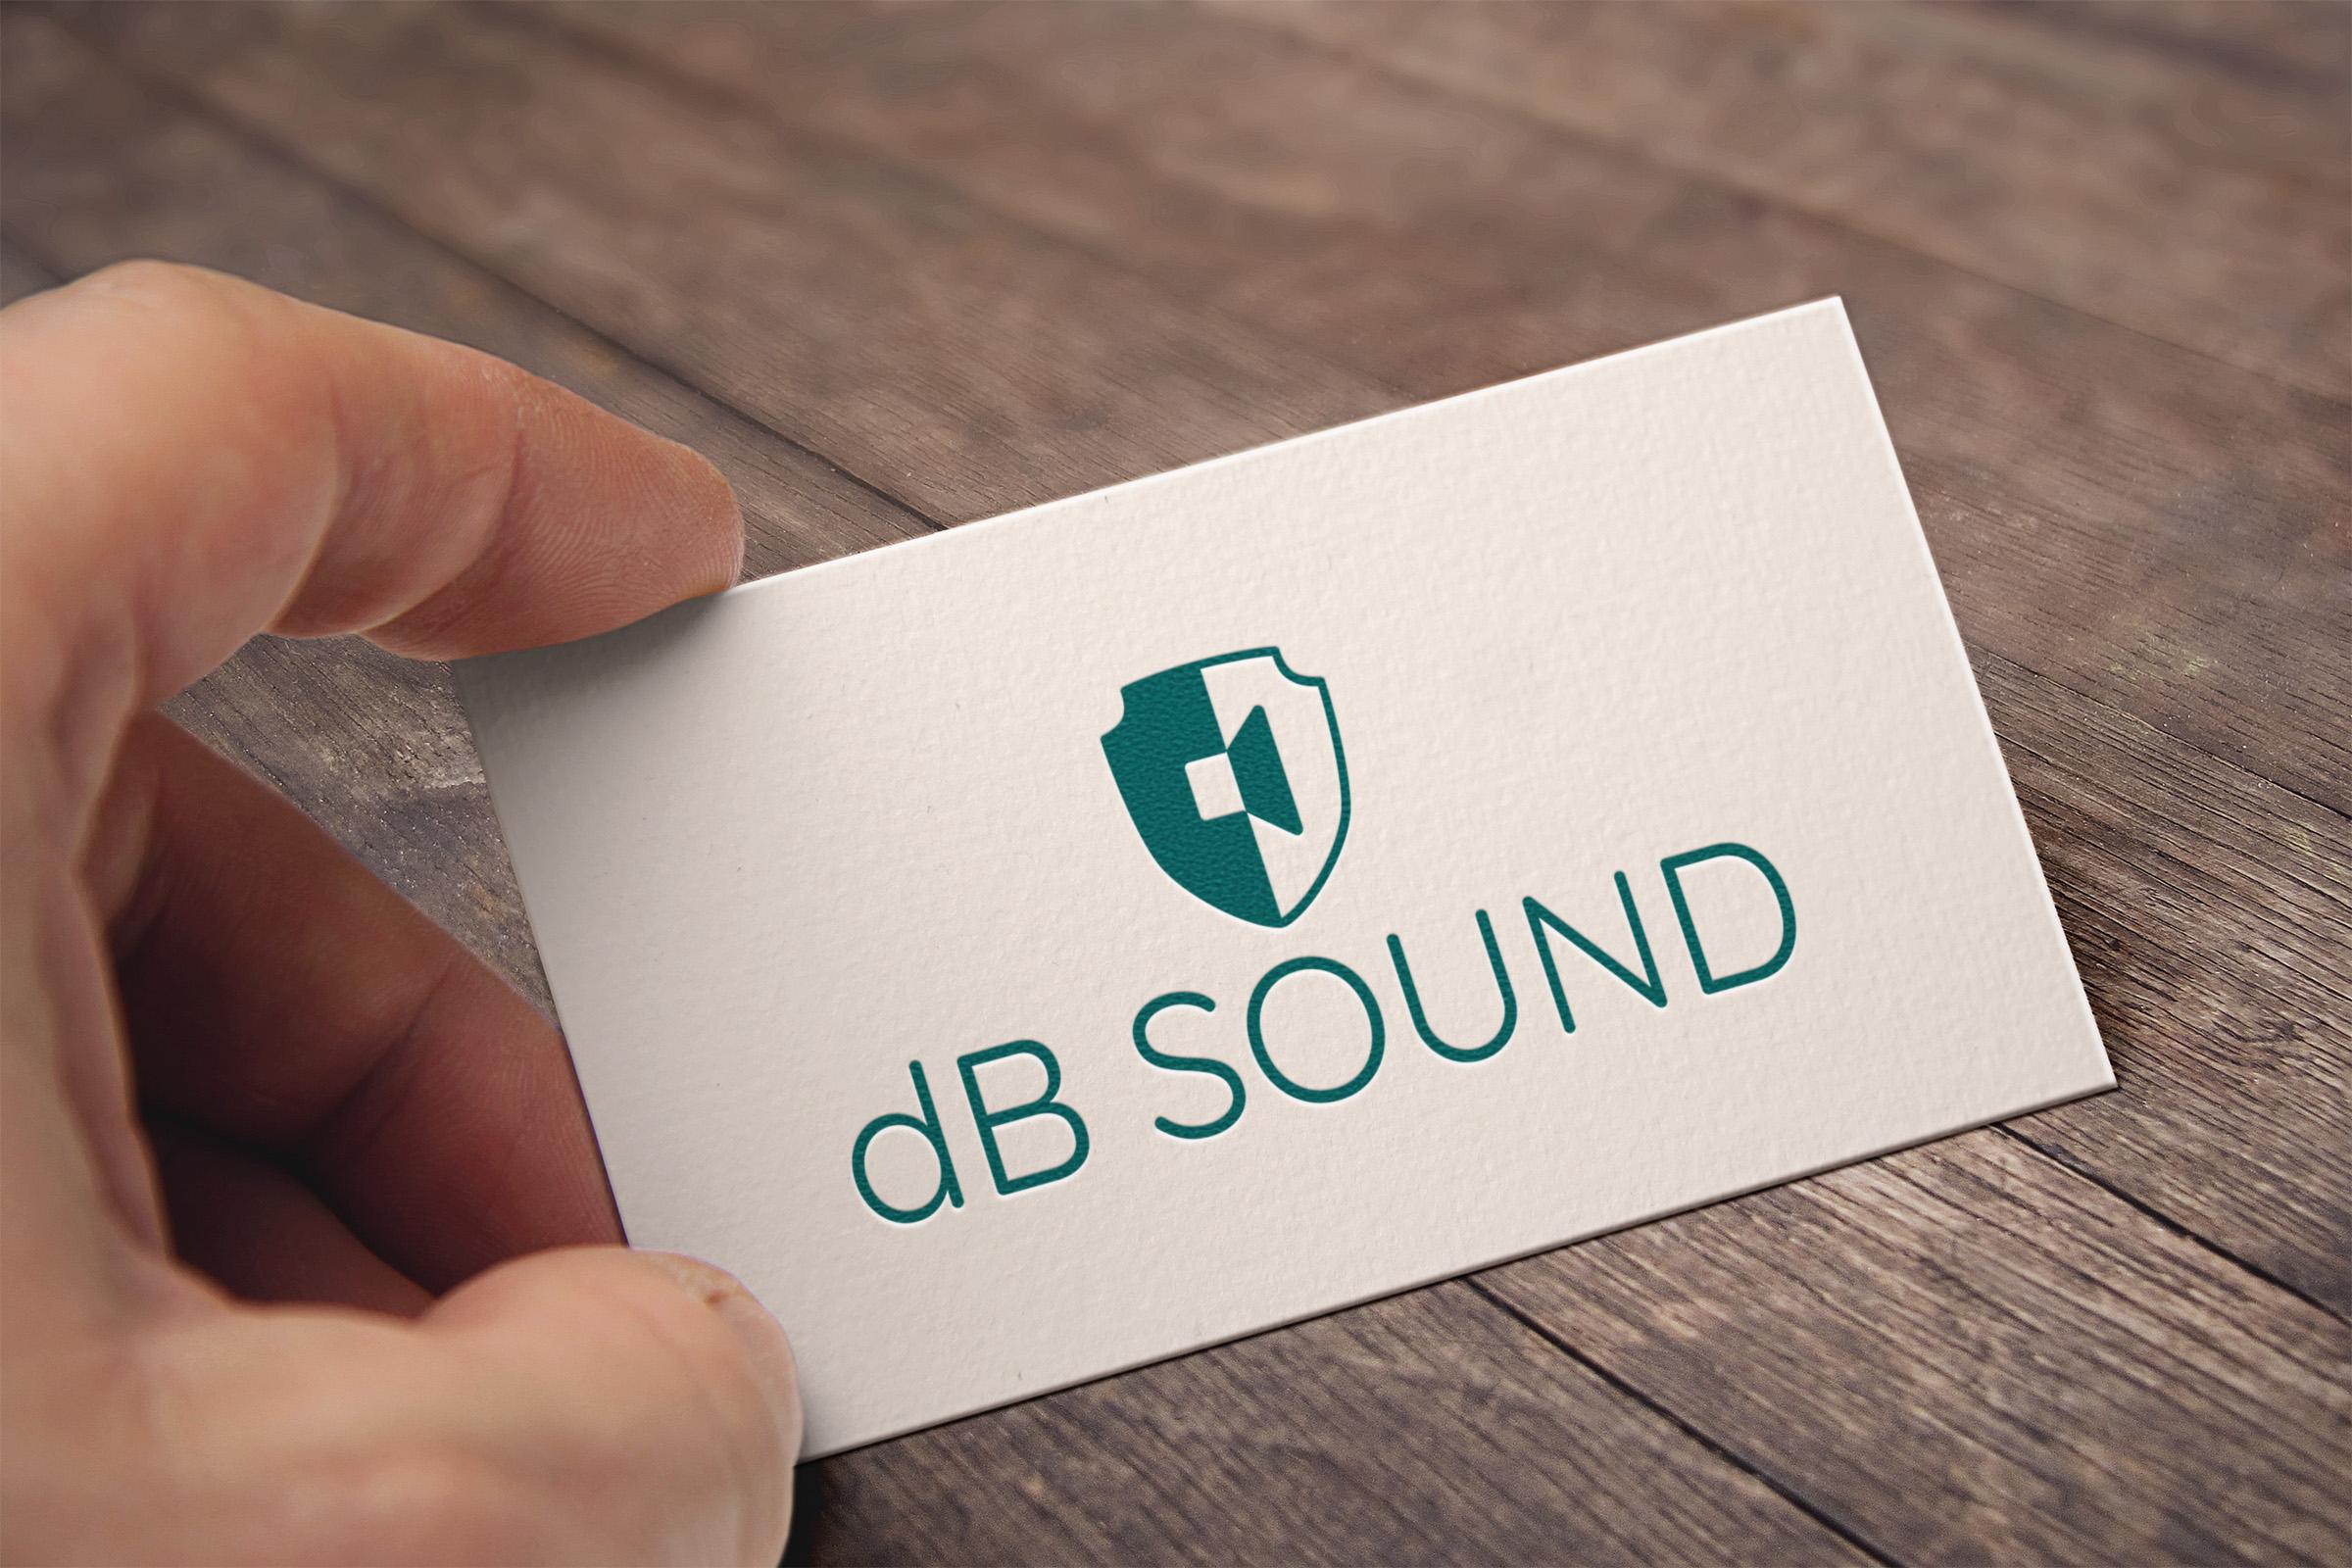 Создание логотипа для компании dB Sound фото f_27259b8a65f8ac7e.jpg